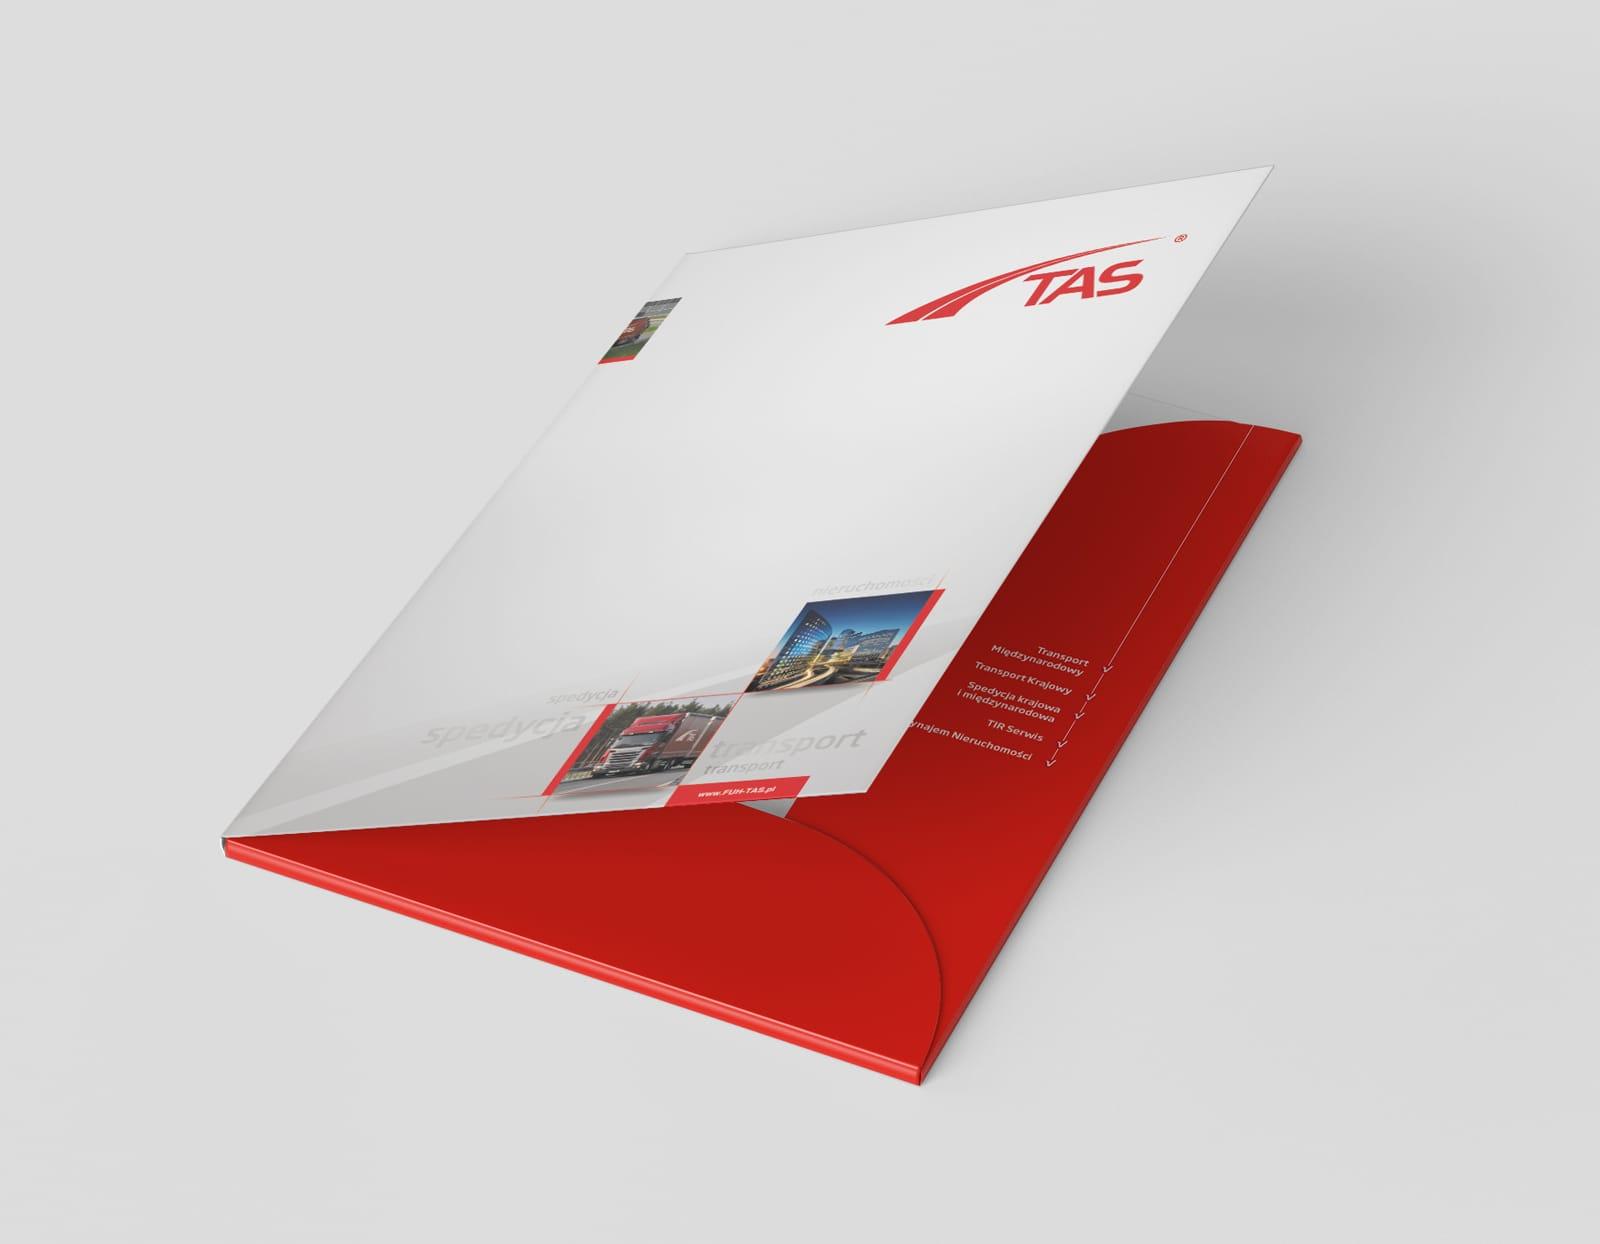 TAS Spedycja zestaw brandingowy, rebranding logo firmowego, akcydensy, teczki reklamowe, strona internetowa